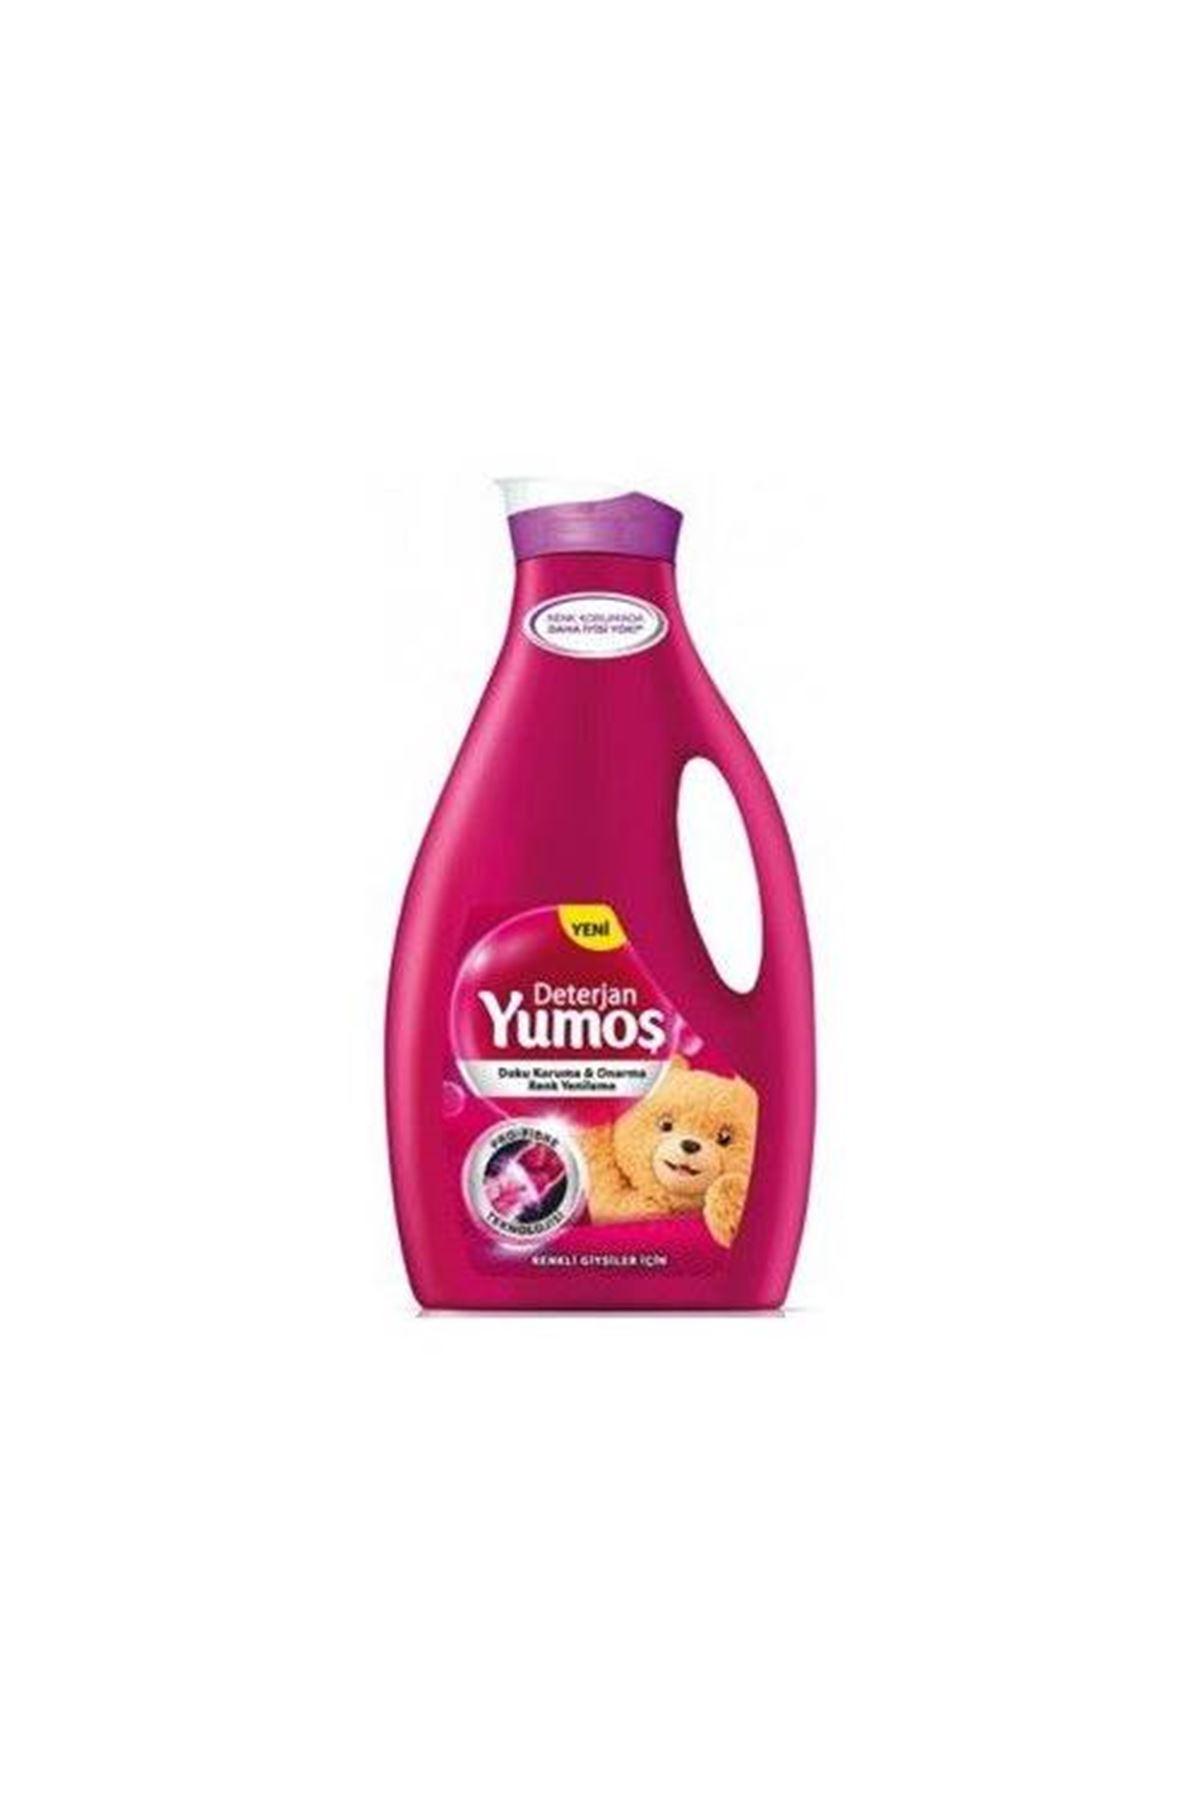 Yumoş Renkli Giysiler Sıvı Çamaşır Deterjan 2520 ml